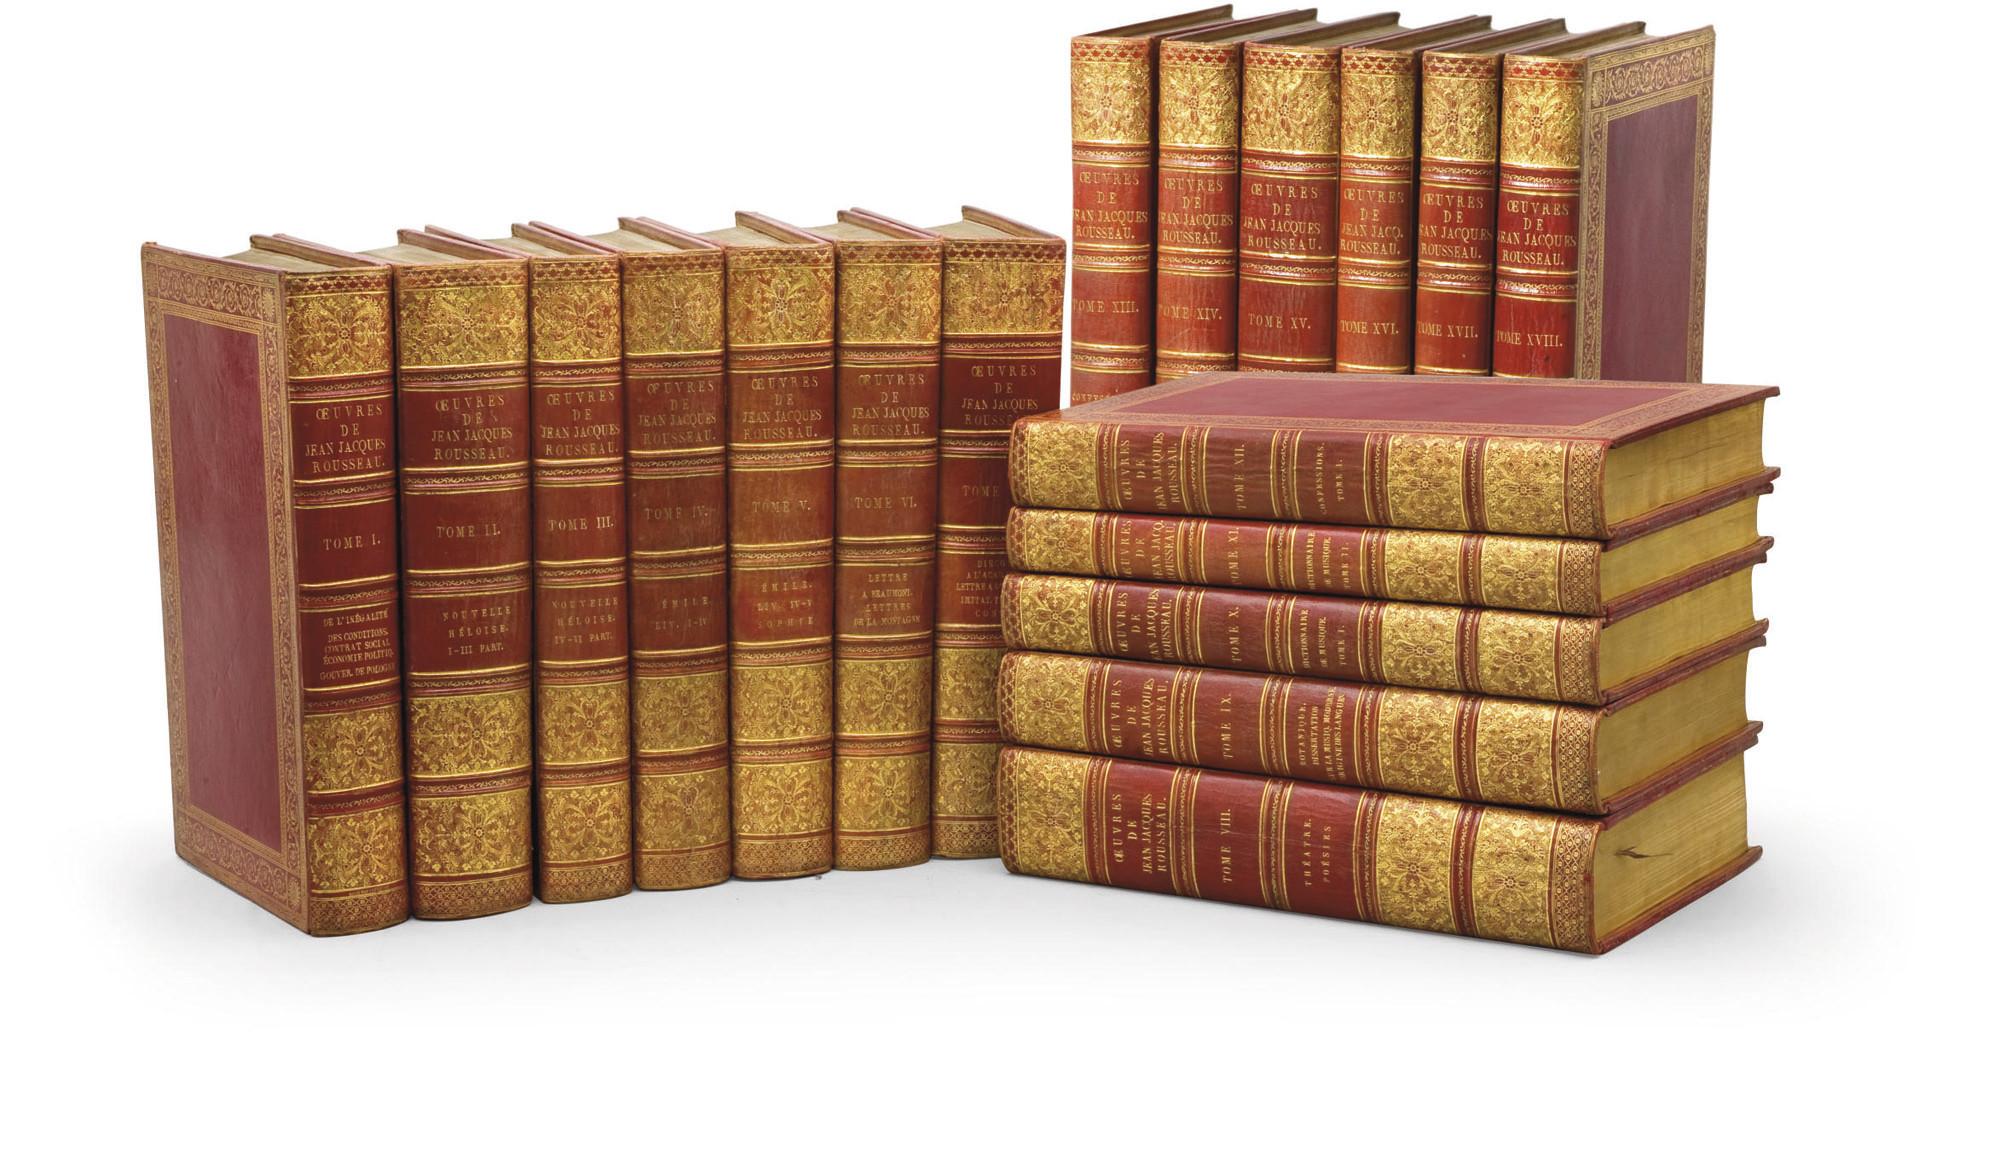 ROUSSEAU, Jean-Jacques (1712-1778). Oeuvres. Paris: chez Defer de Maisonneuve, de l'imprimerie de Didot le Jeune, 1793-1800.